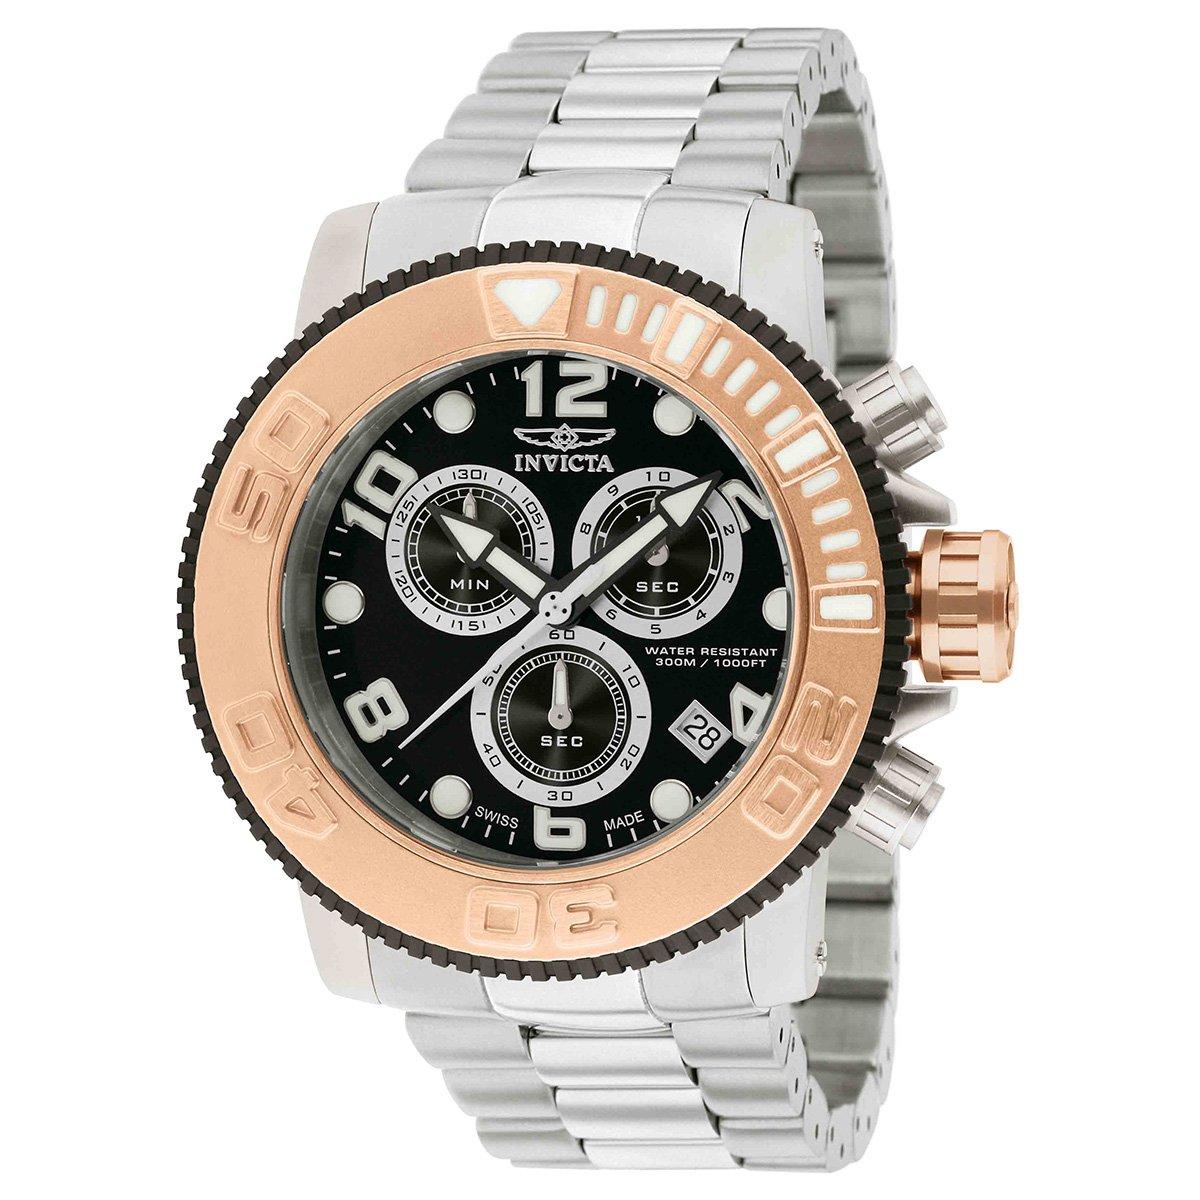 5dcd2dd44be Relógio Invicta Sea Hunter Analógico 012533 Masculino